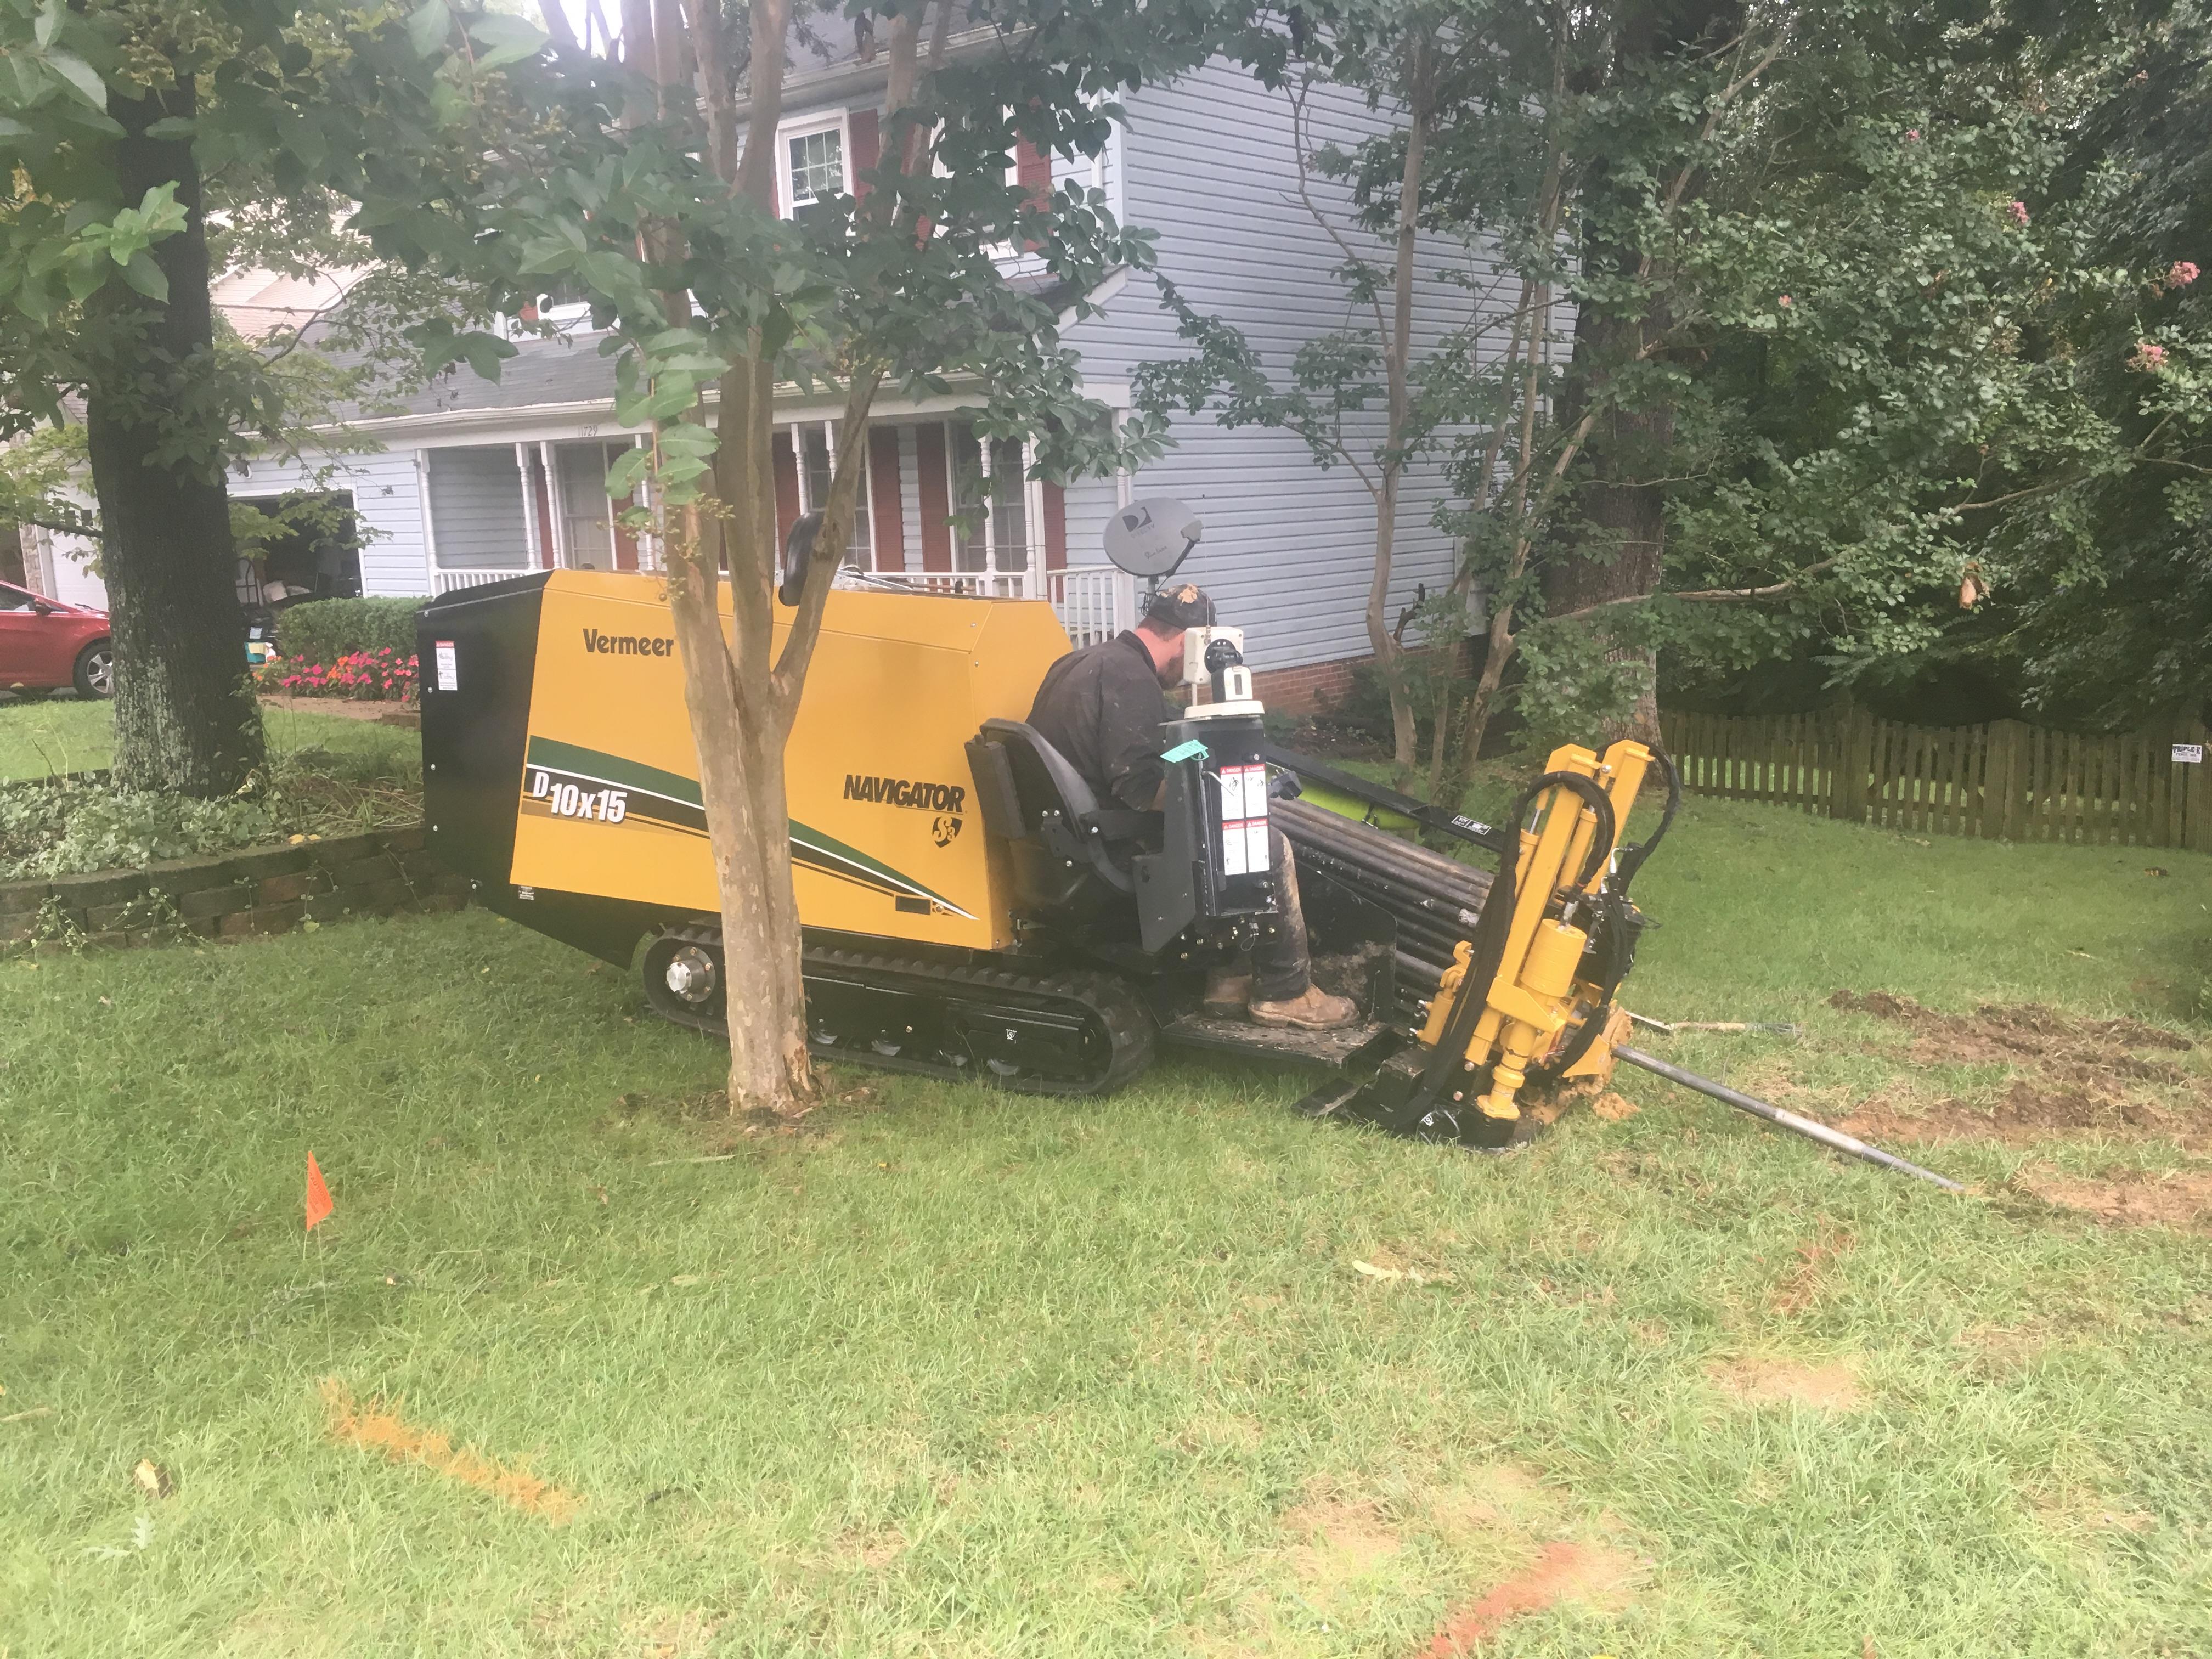 Plumbing in yard